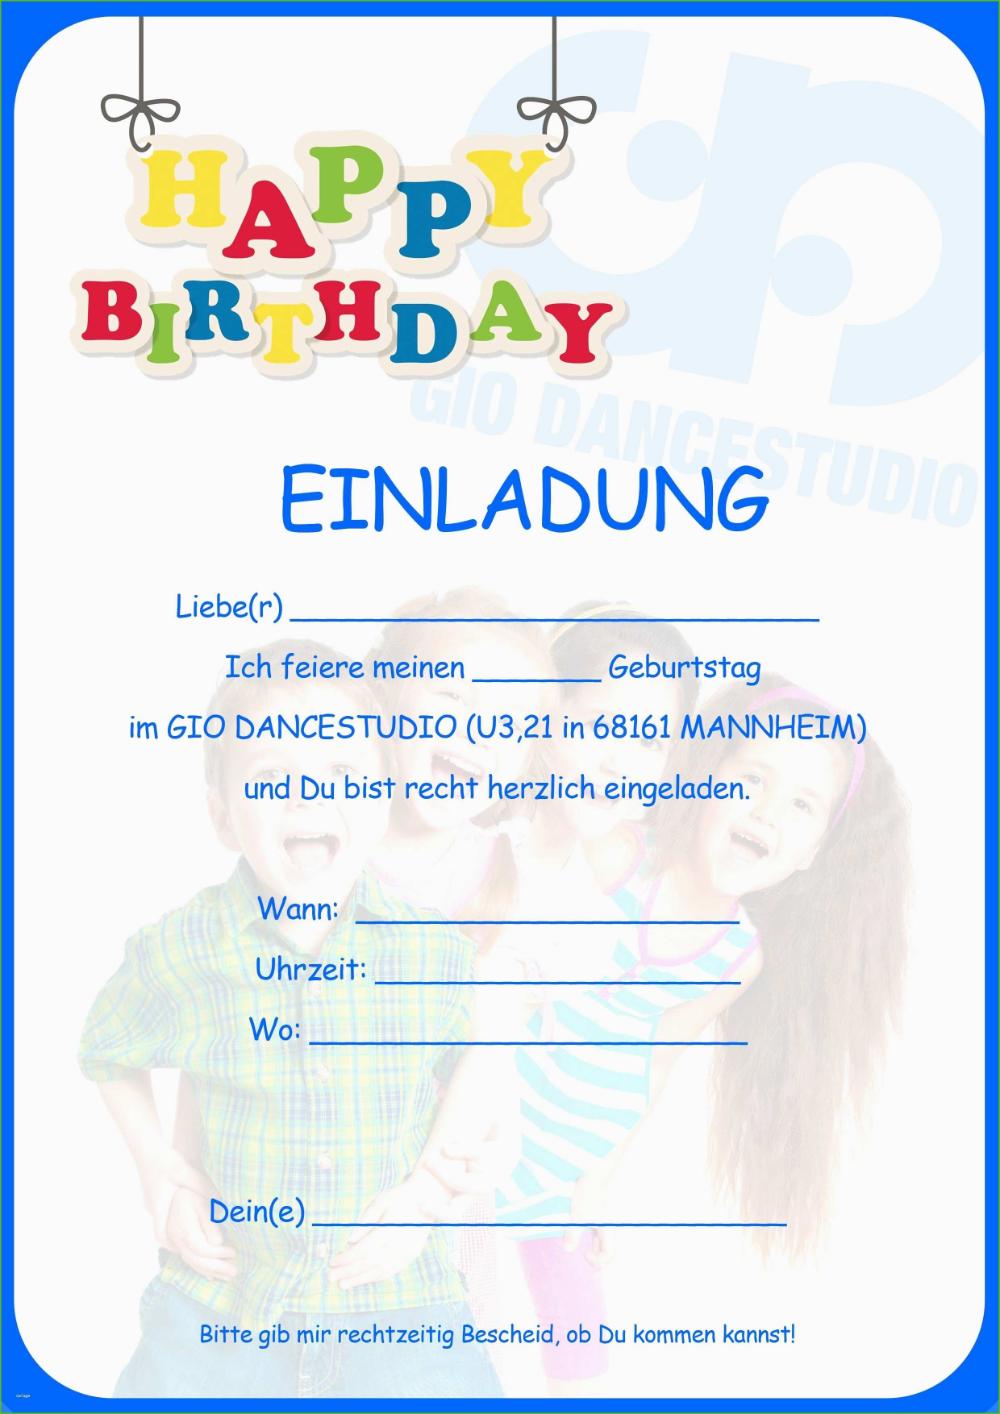 Einladung Kindergeburtstag Vorlage Word Wwwmaryfoto Word Vorlage Einladungskarten Kindergeburtstag